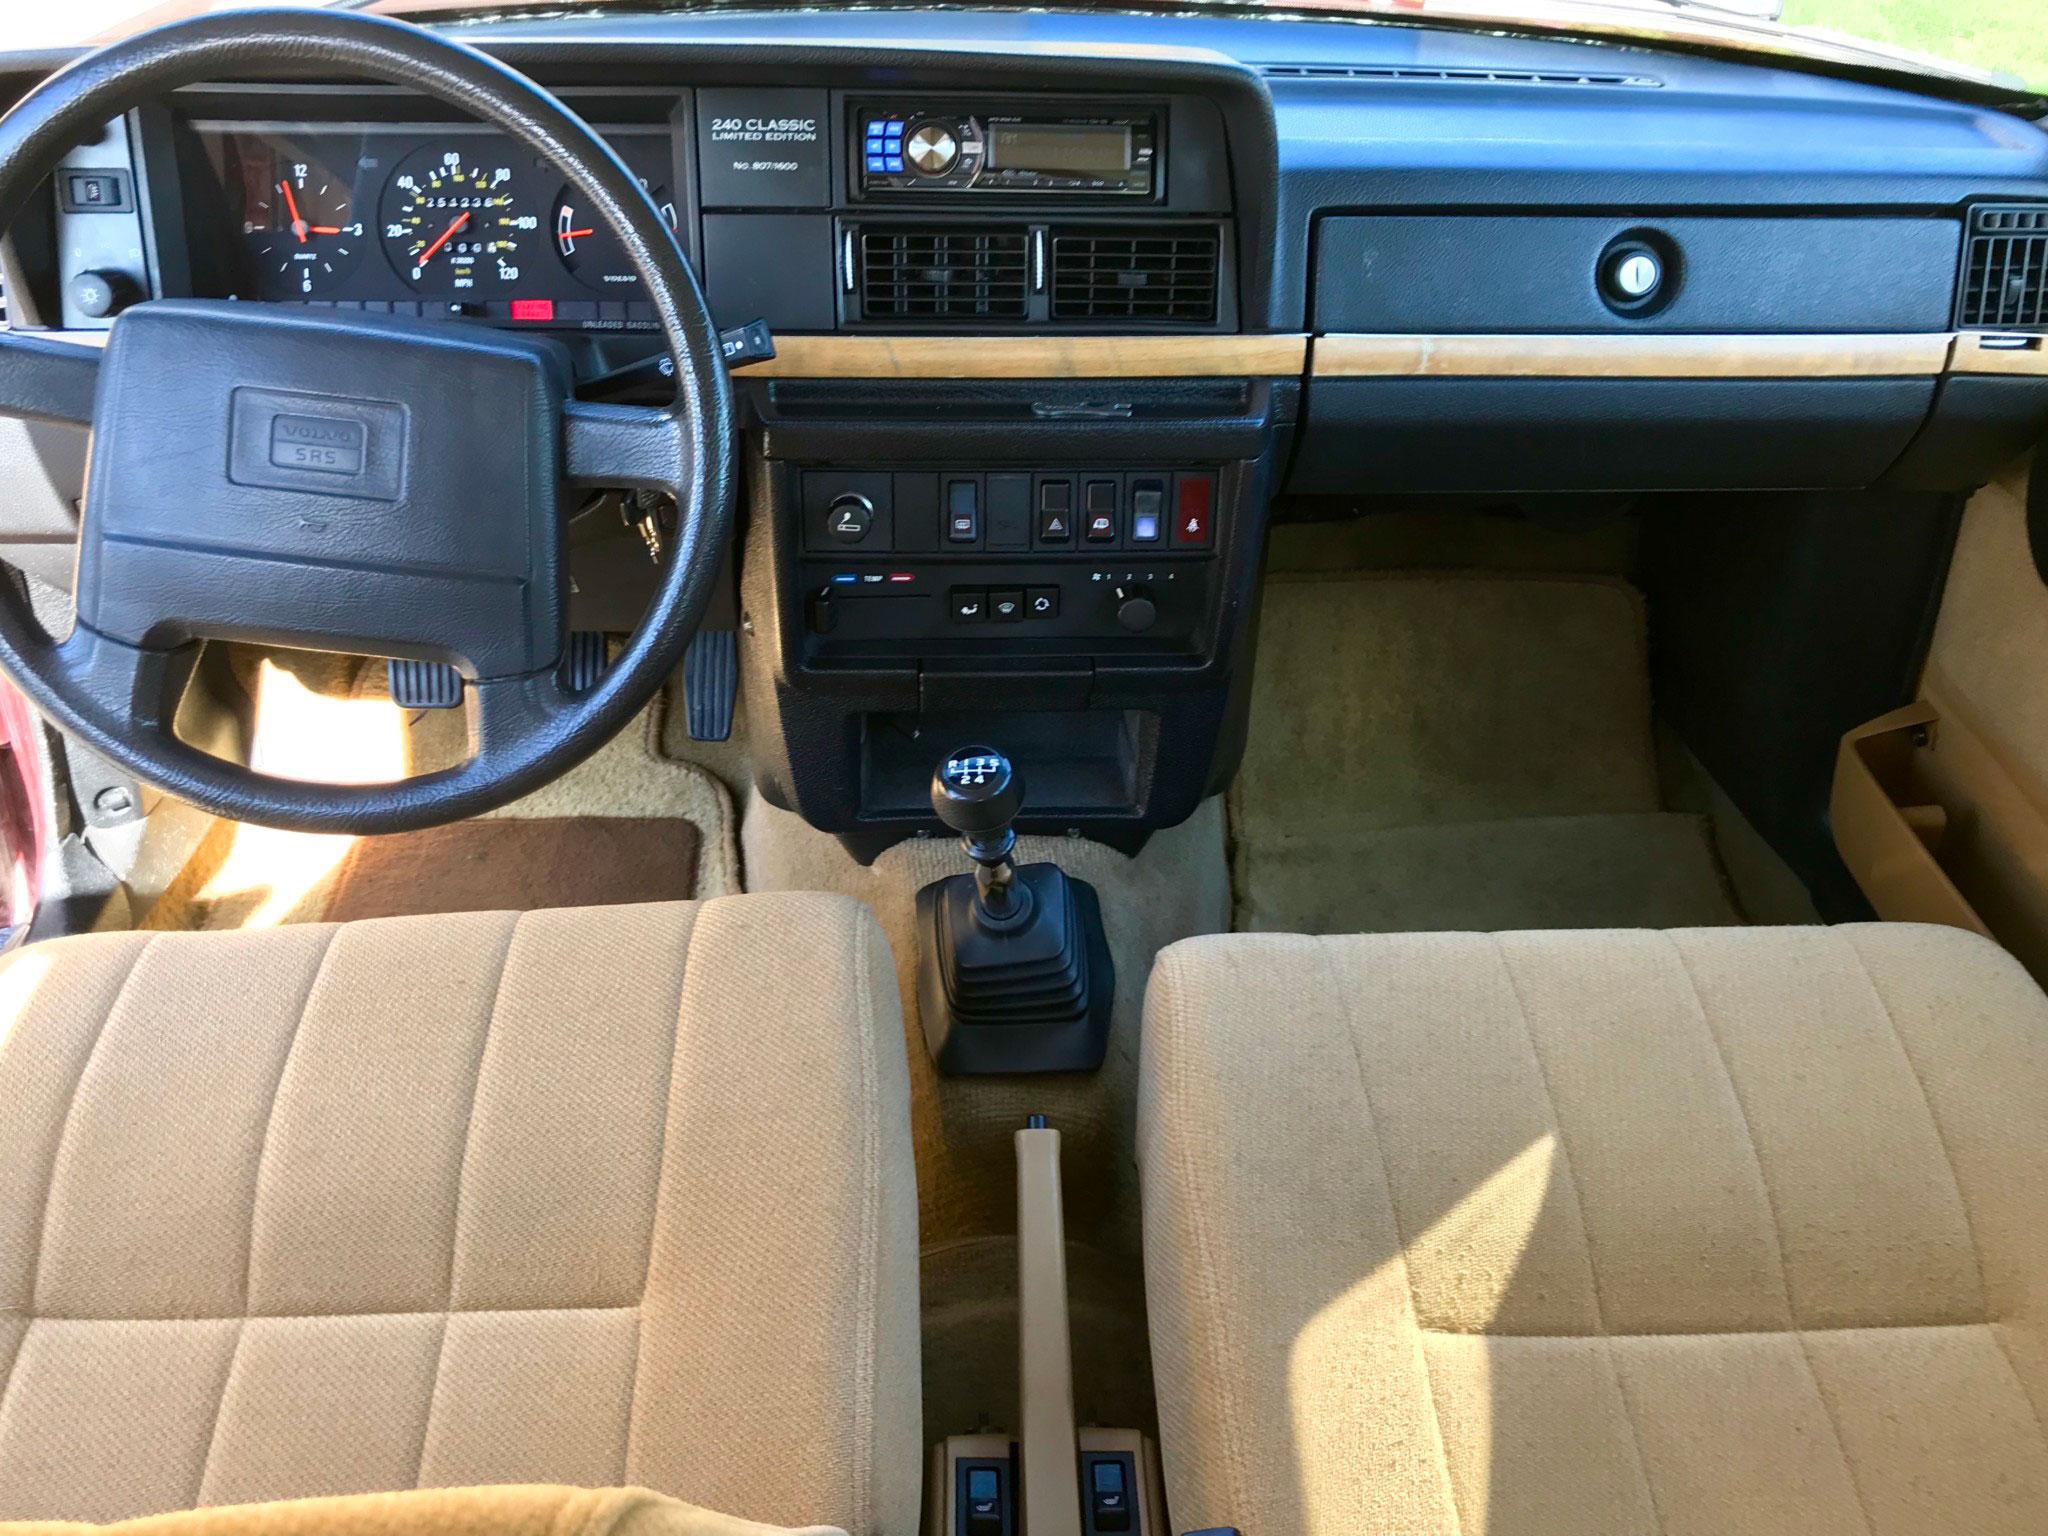 1993 Volvo 240 Classic LE Wagon interior